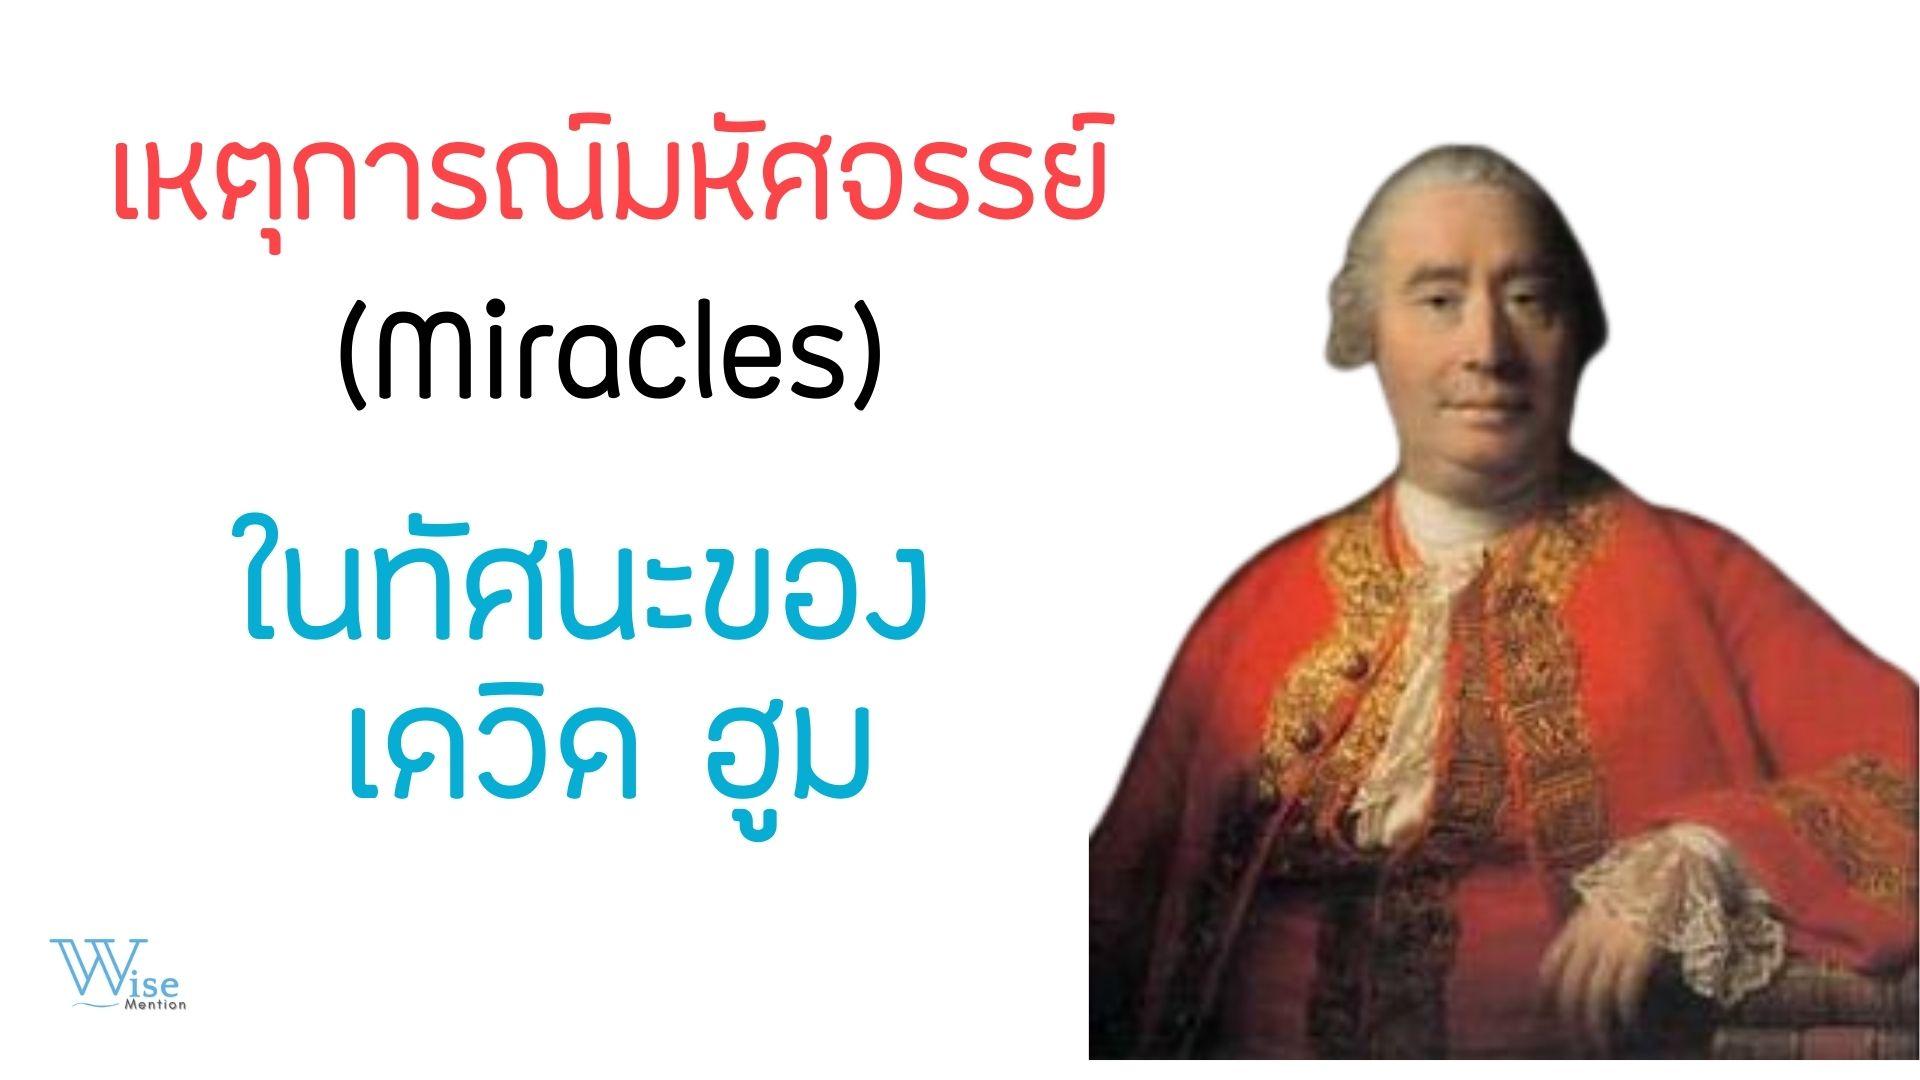 เหตุการณ์มหัศจรรย์  (Miracles)  ในทัศนะของ เดวิด ฮูม